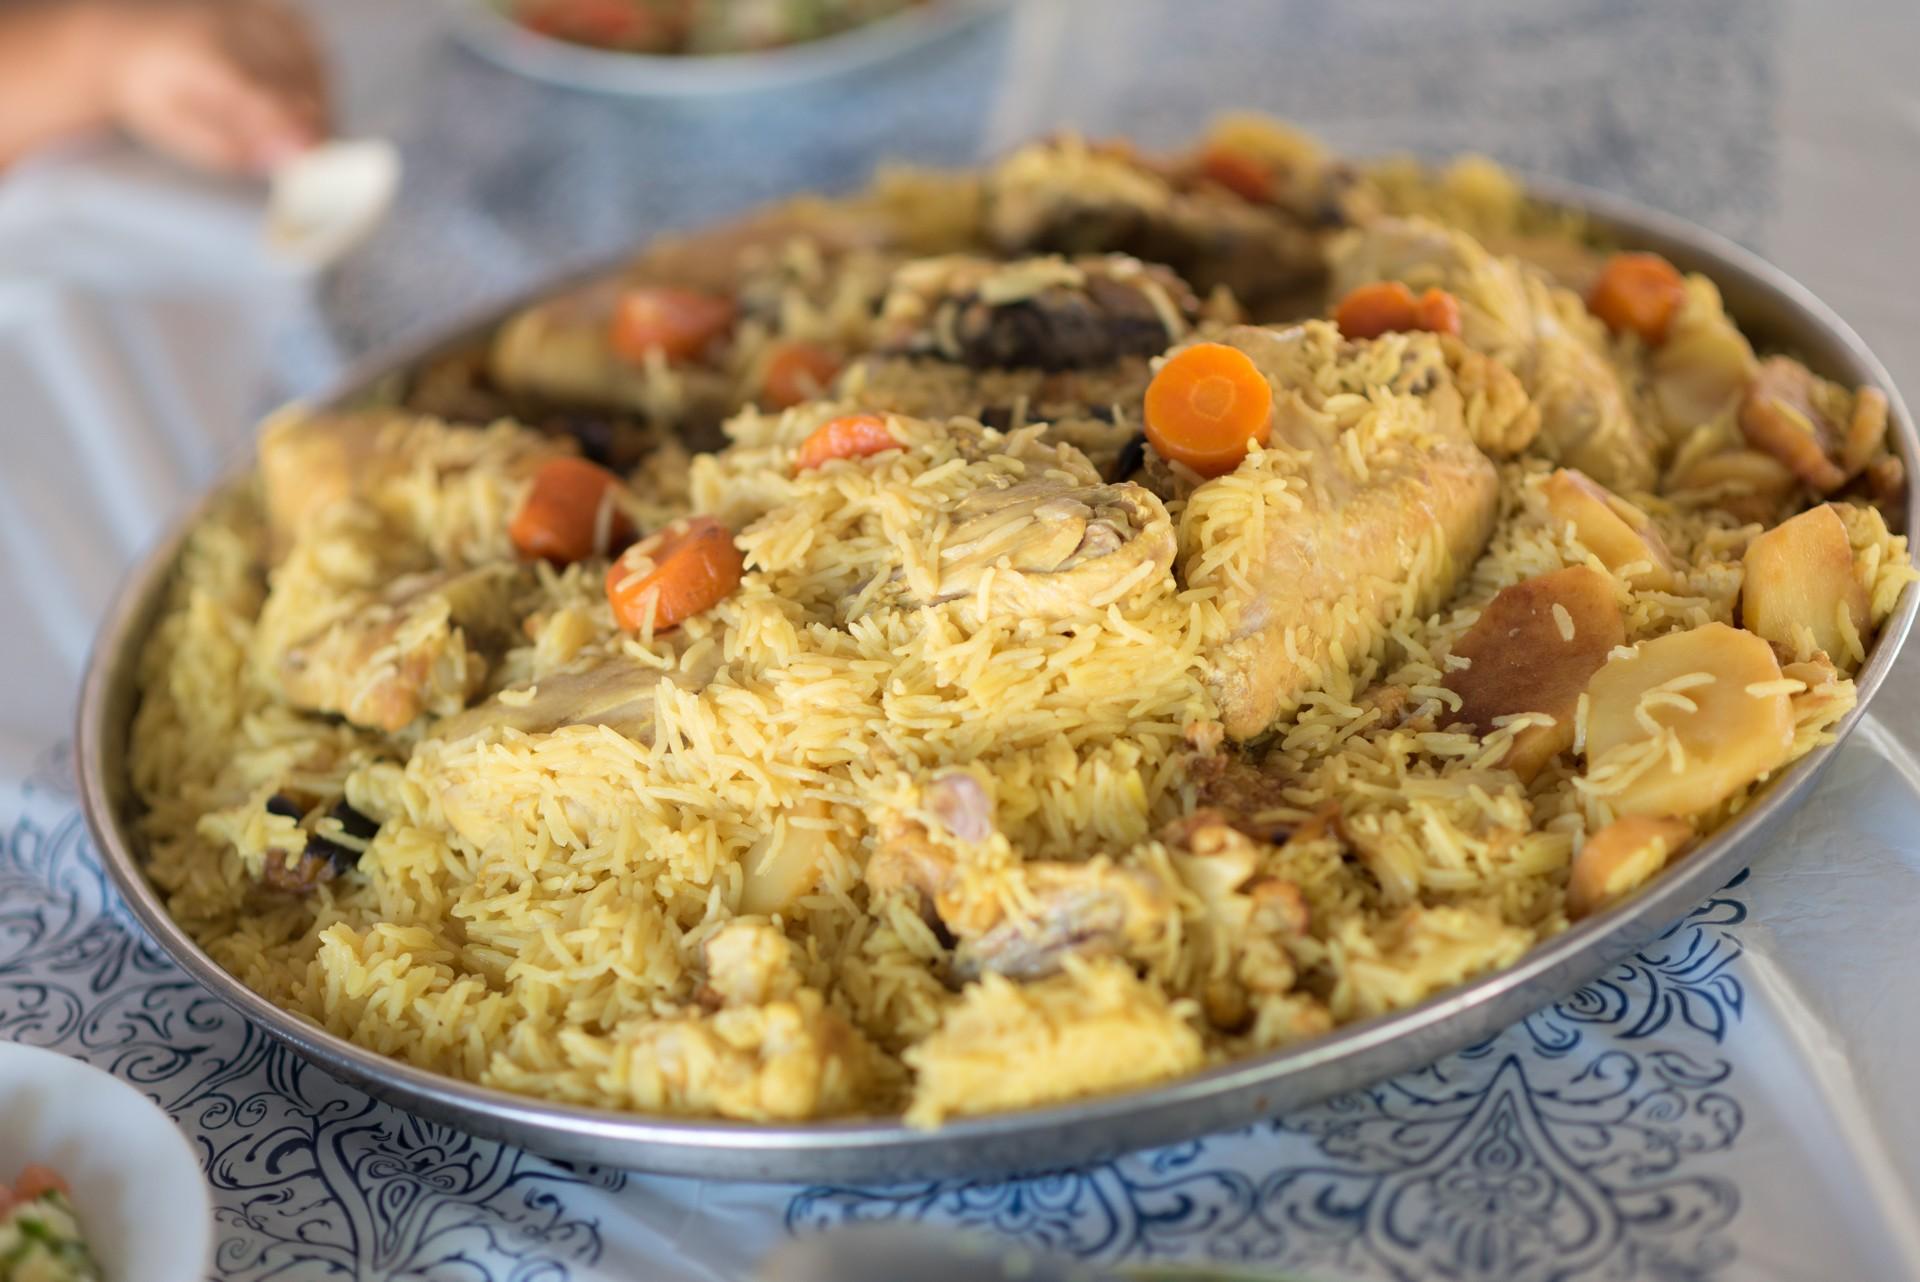 Jordan food tour - Maqluba